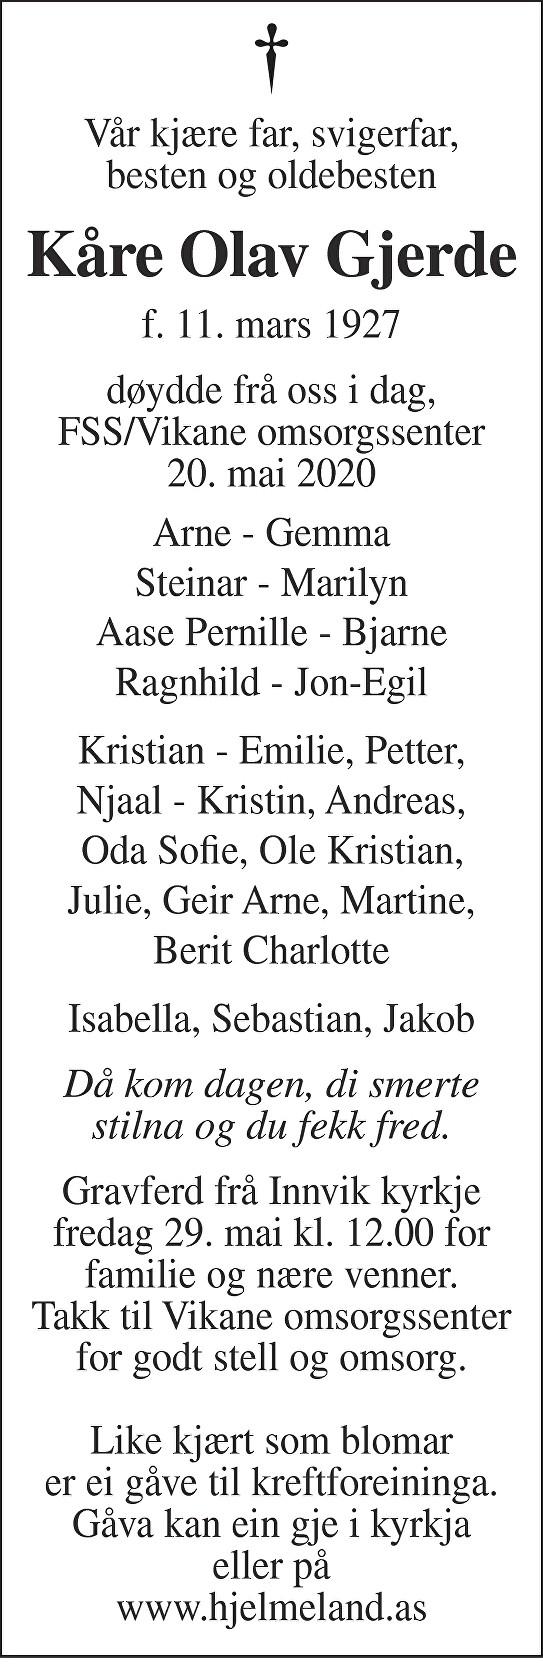 Kåre Olav Gjerde Dødsannonse